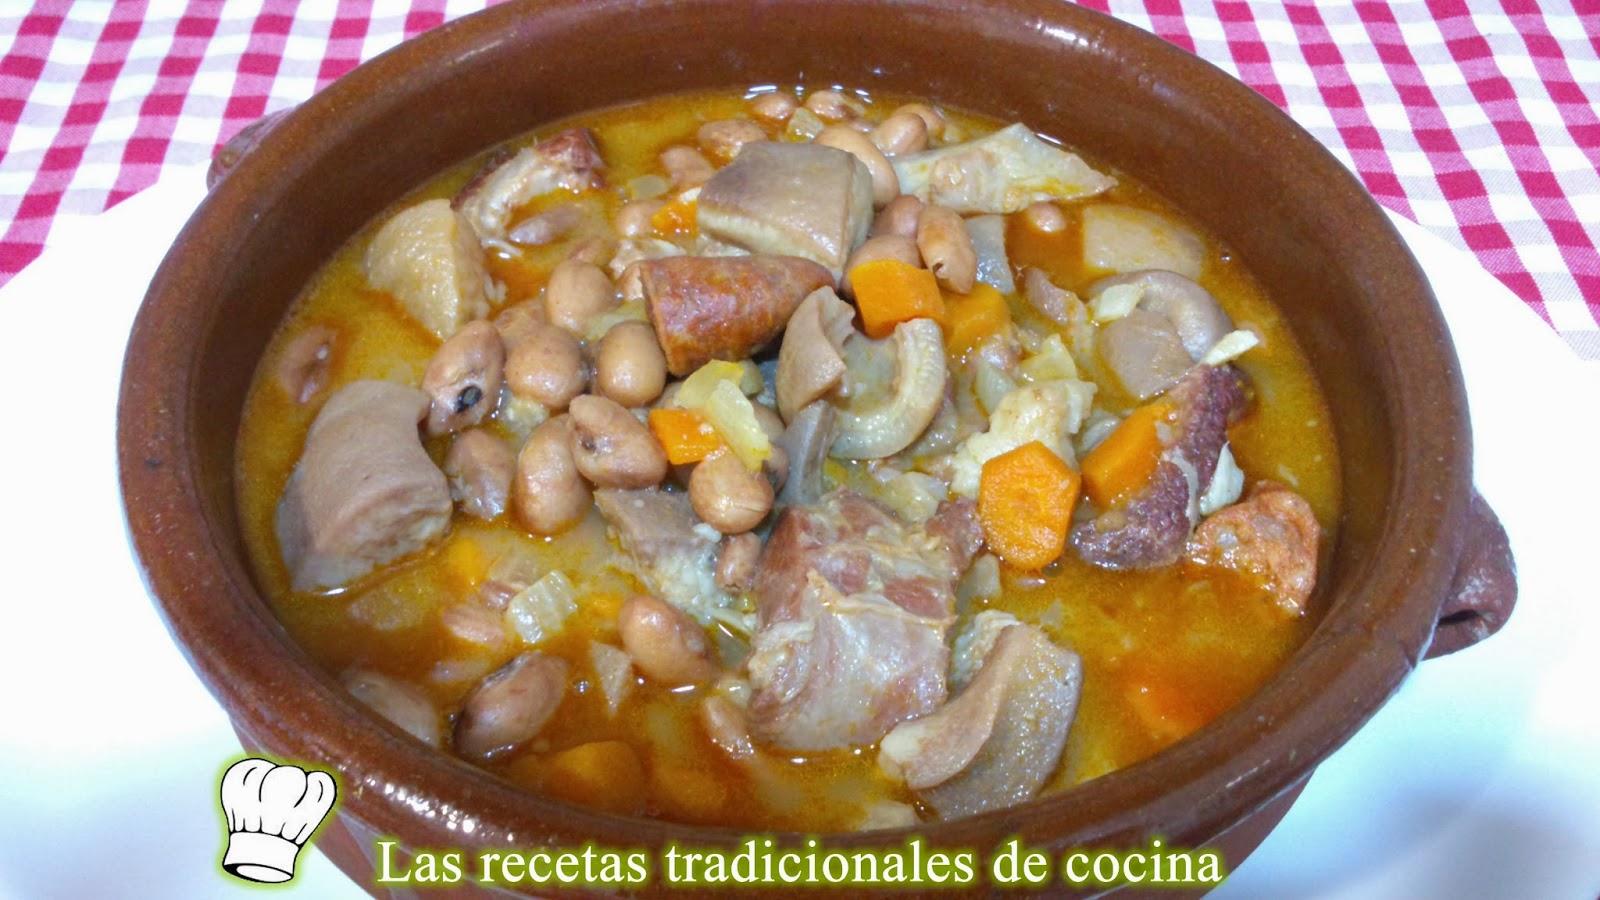 Receta de alubias pintas con oreja y chorizo recetas de - Judias pintas con manitas ...